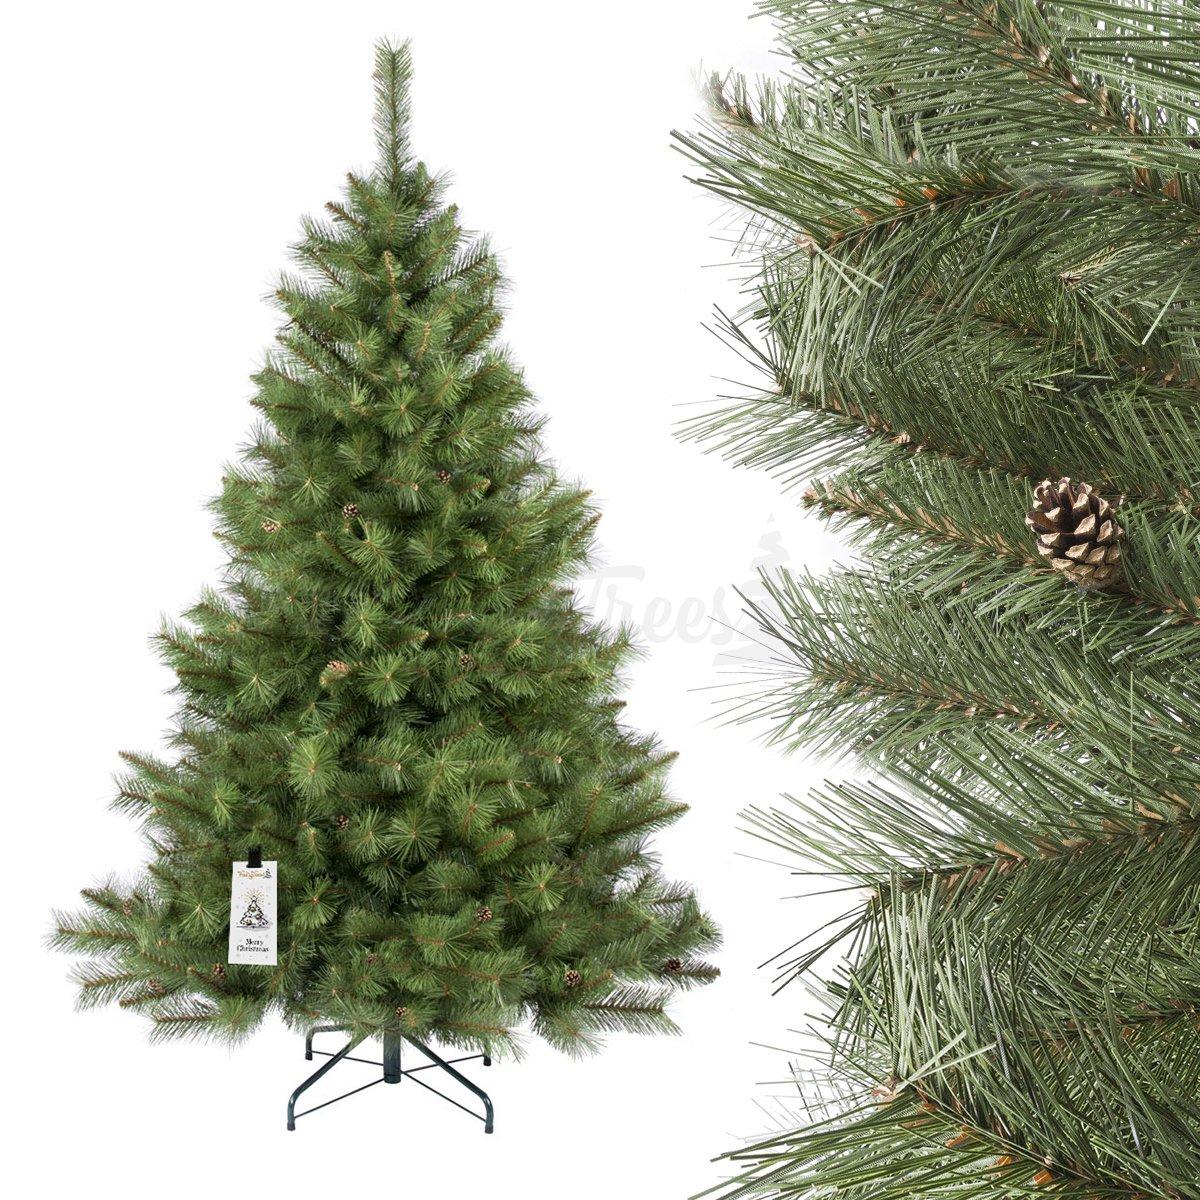 weihnachtsbaum nordmanntanne jumbo shop. Black Bedroom Furniture Sets. Home Design Ideas